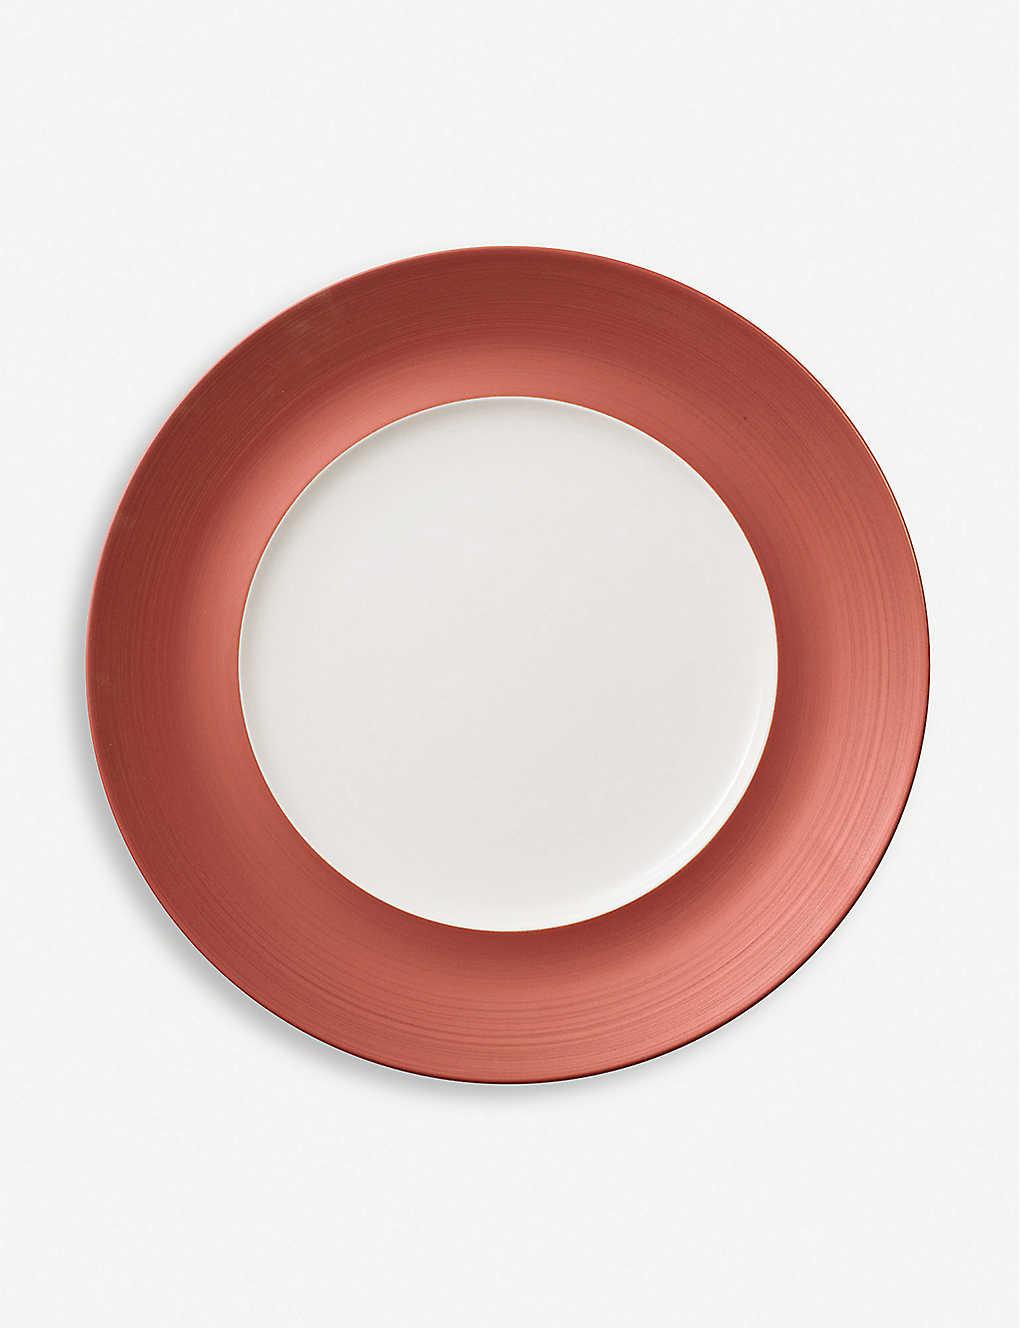 VILLEROY & BOCH - Manufacture Glow porcelain flat plate 7cm